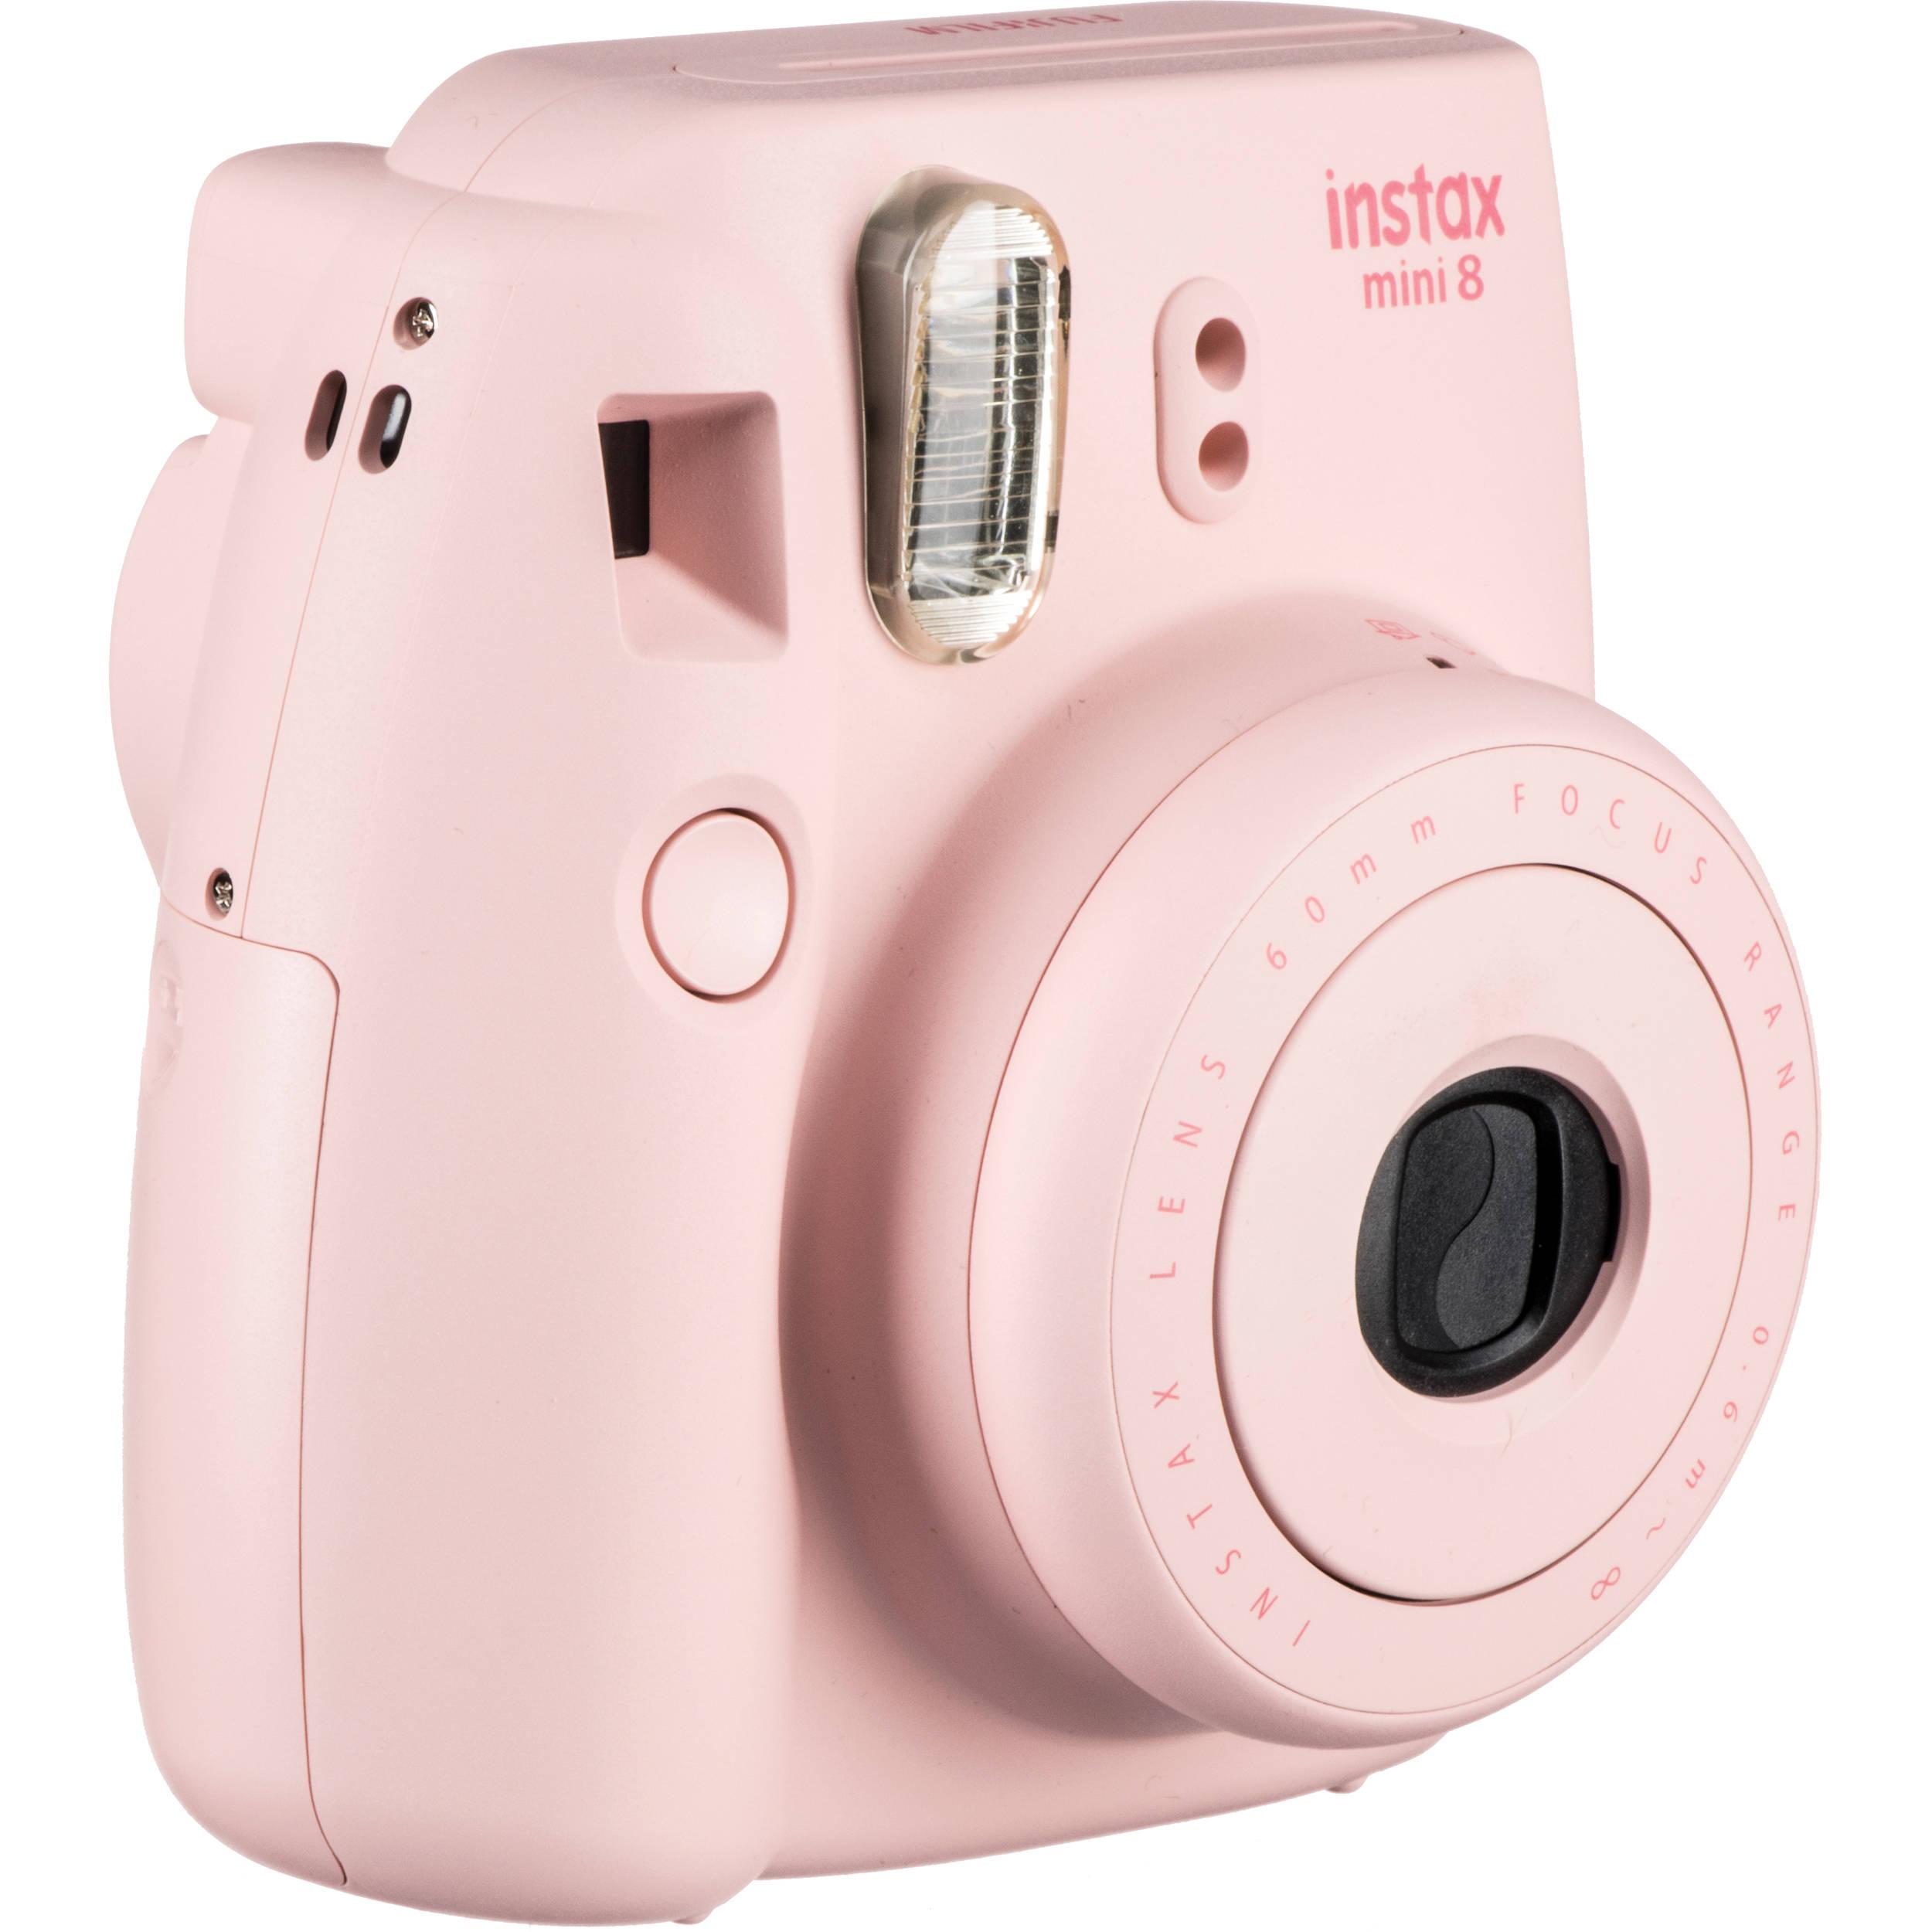 Fujifilm instax mini 8 Instant Film Camera (Pink) 16273415 B&H